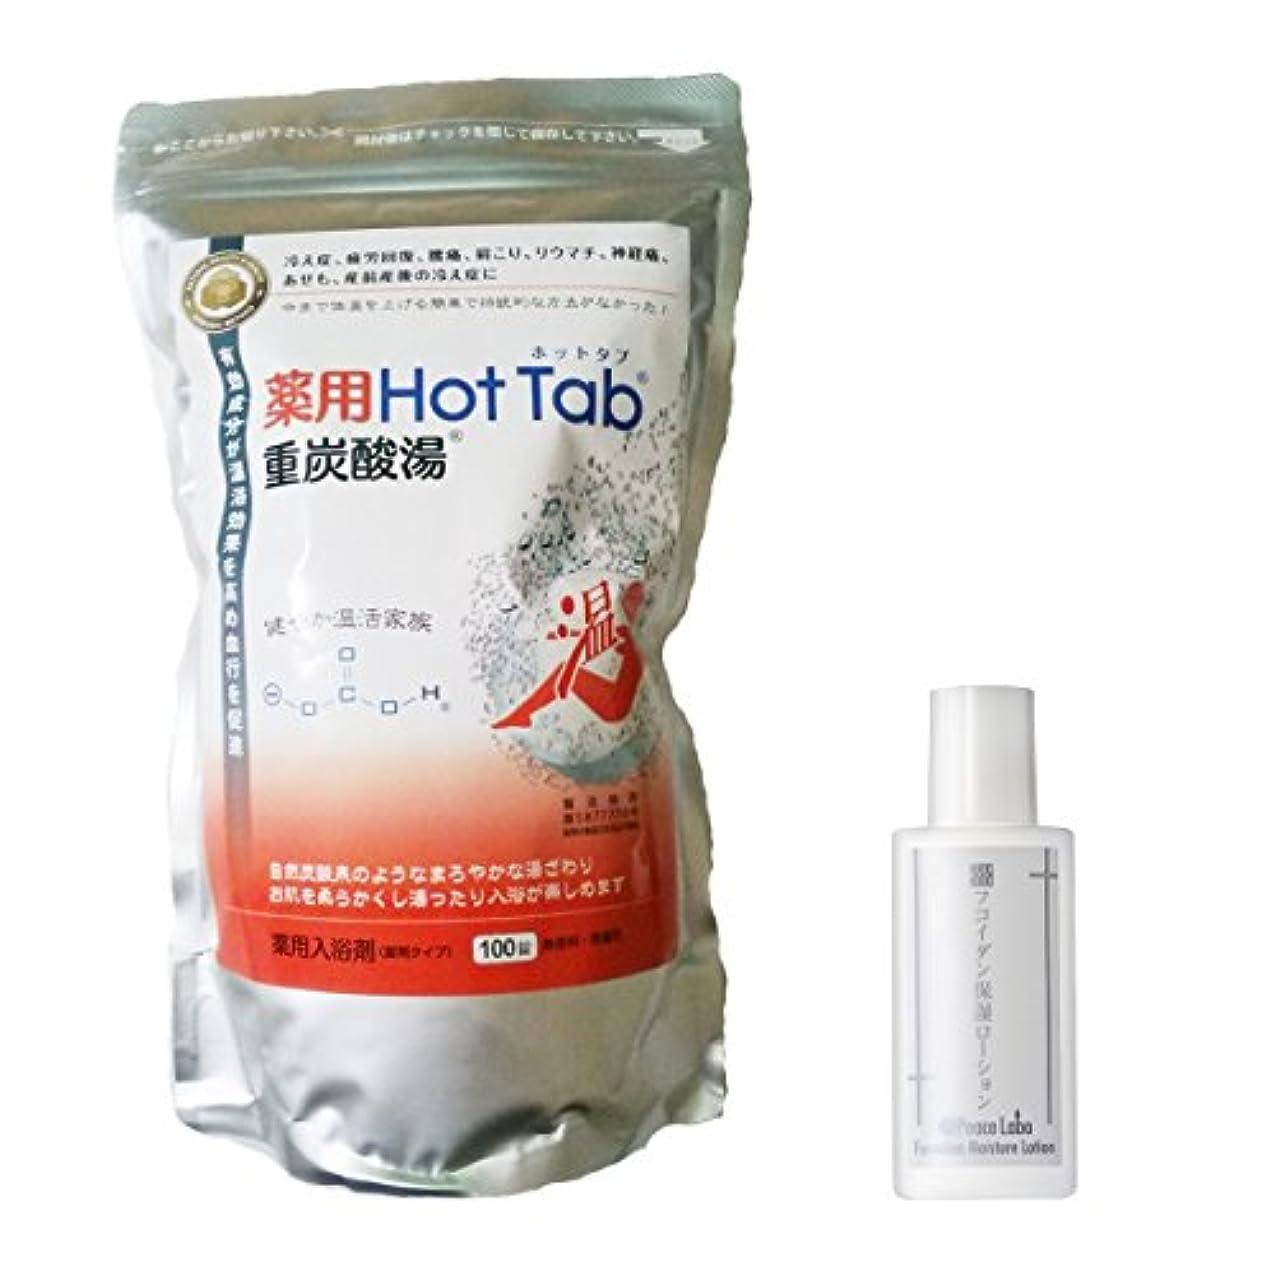 ホットアルバムコム 新 薬用 ホットタブ 重炭酸湯 100錠入り フコイダン保湿ローション 20ml セット